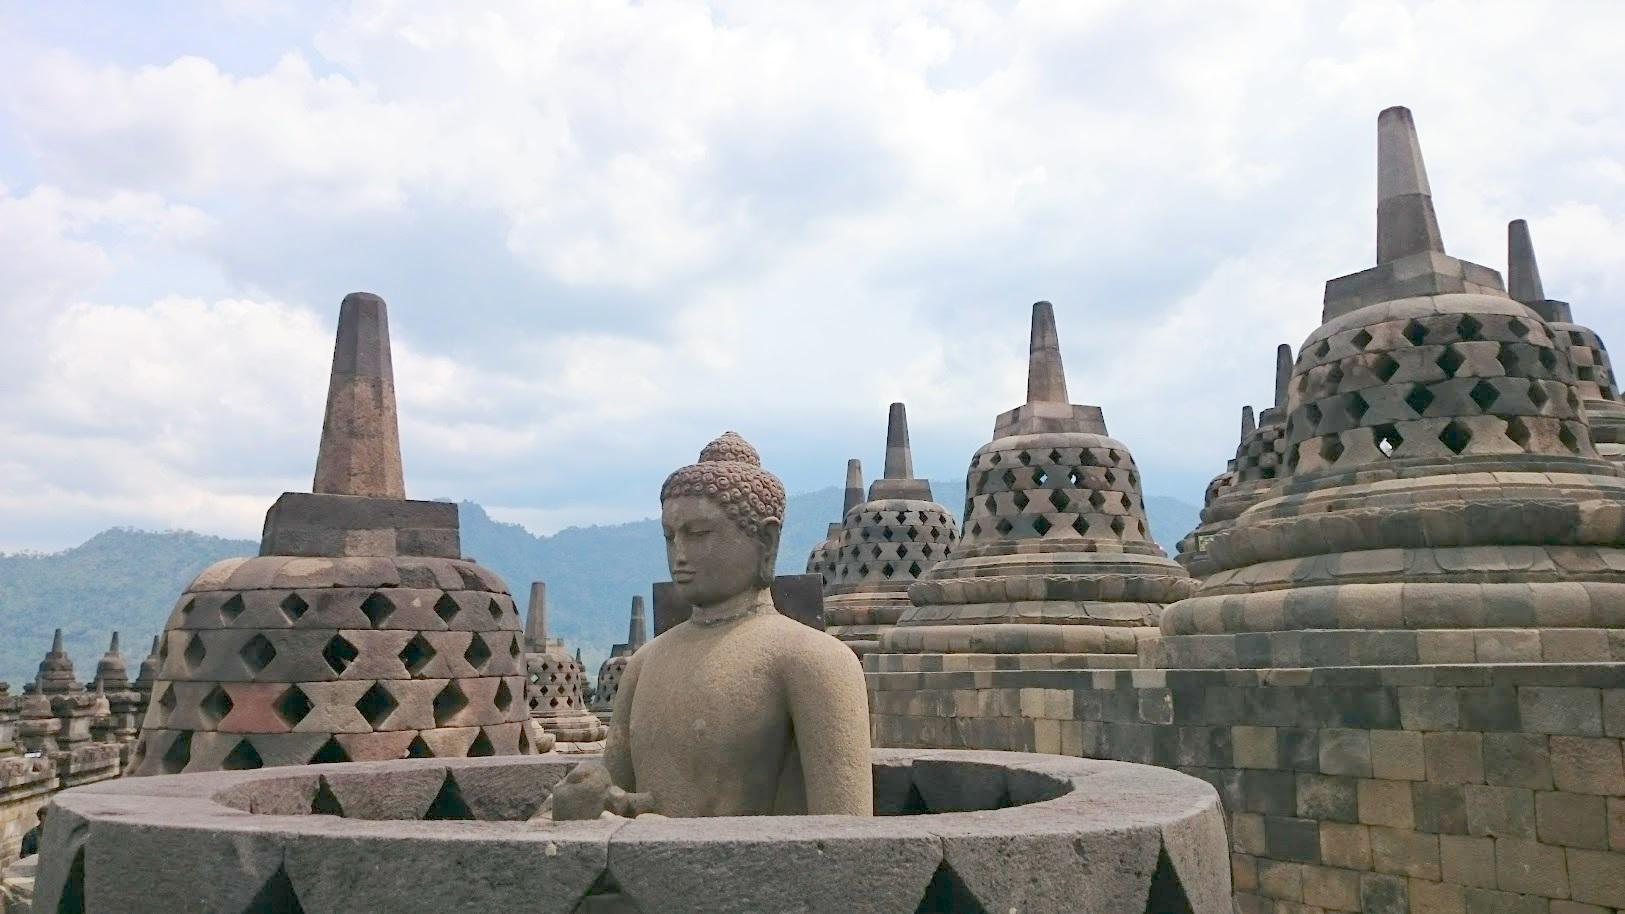 Borobudur temppeli Indonesia